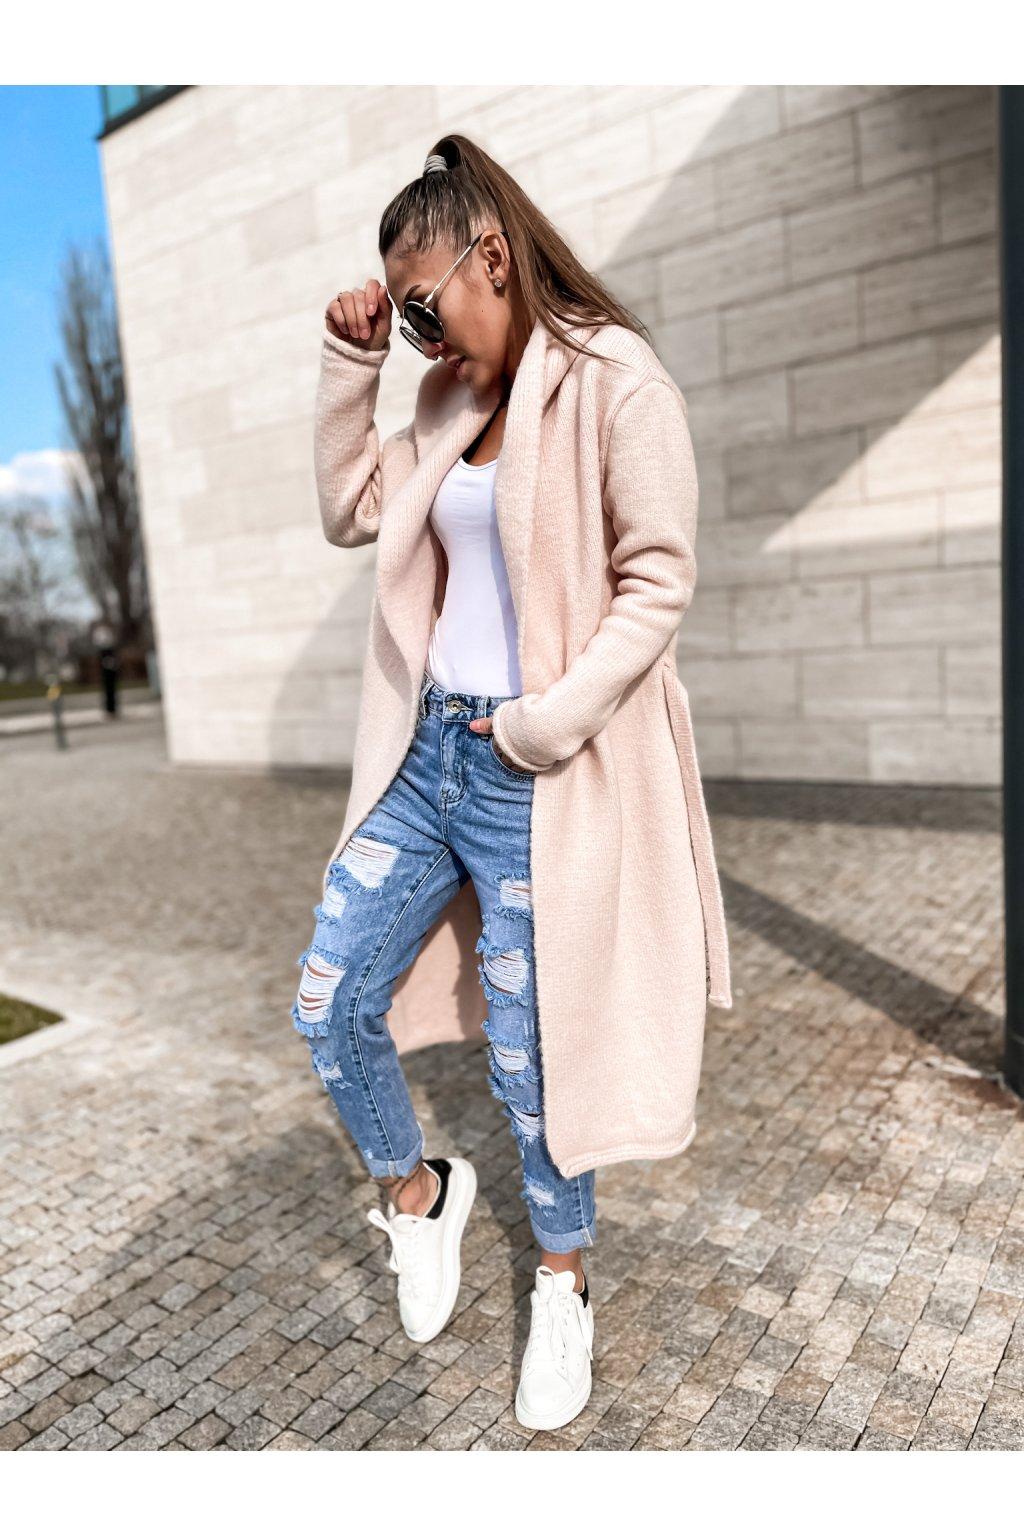 damsky cardigan s kapuci long light pink eshopat cz 1